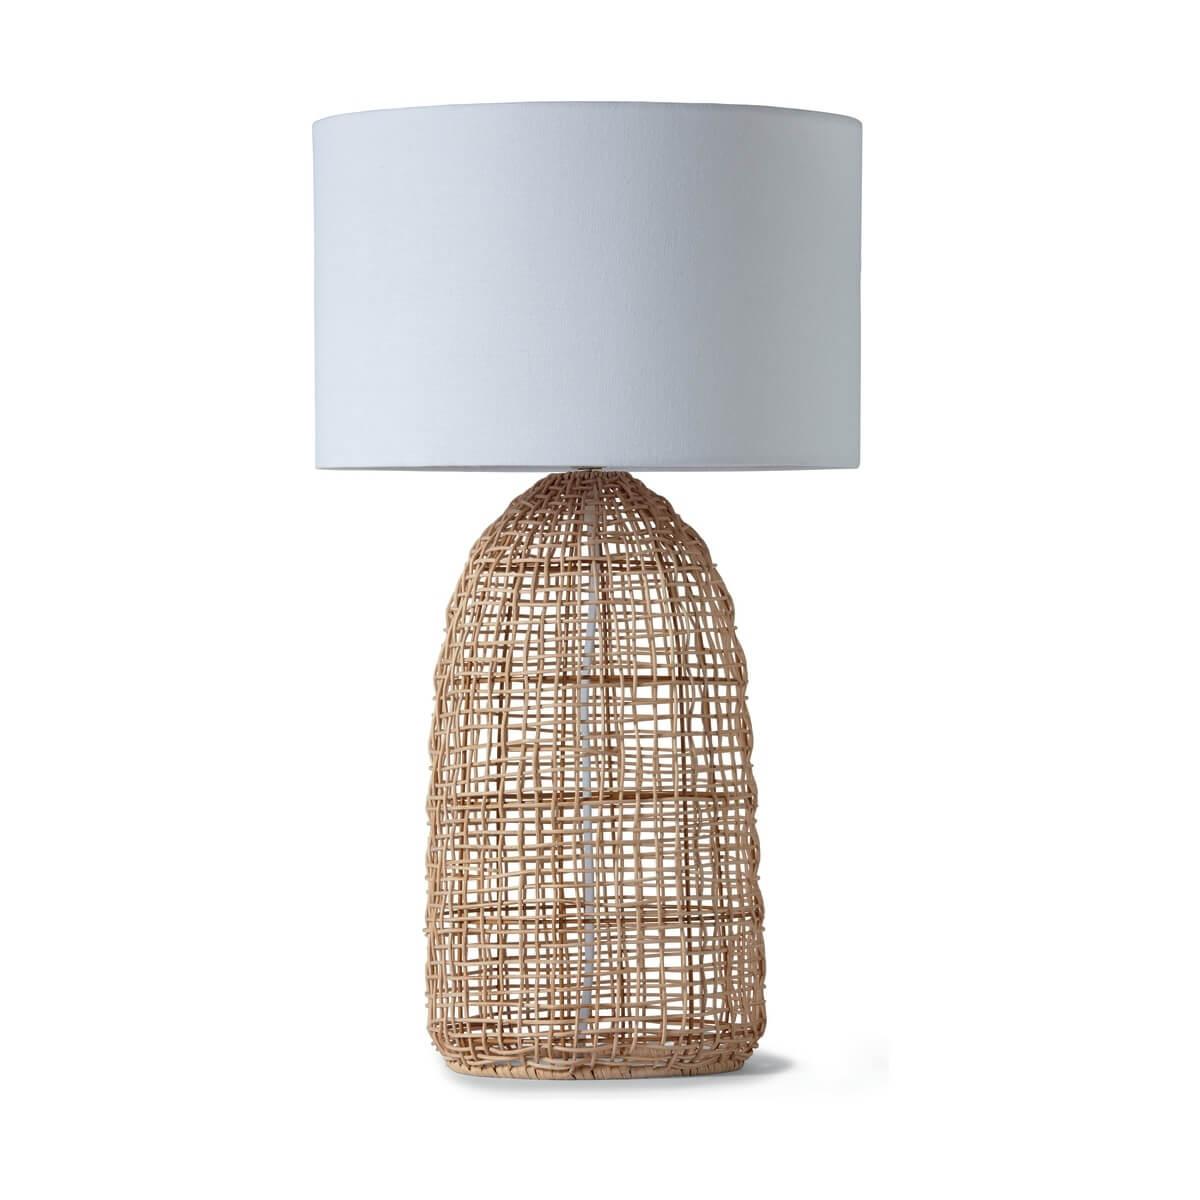 Rattan Table Lamp Kmart.jpg